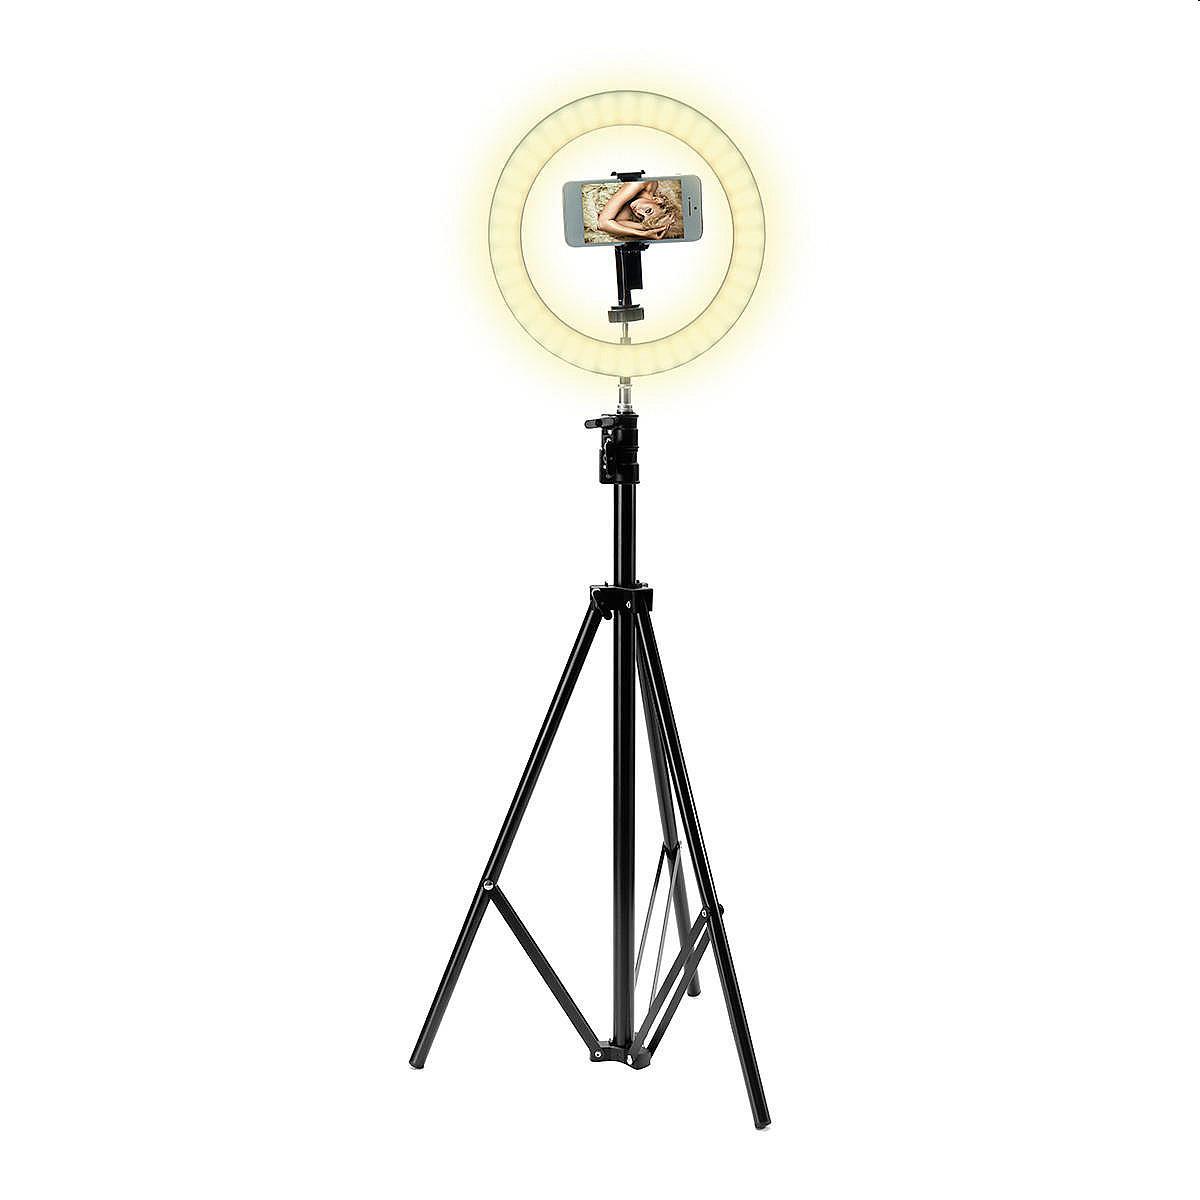 Bague portable trépied lumière support en direct Selfie Stick Jack Jack avec lumière de remplissage pour les téléphones mobiles